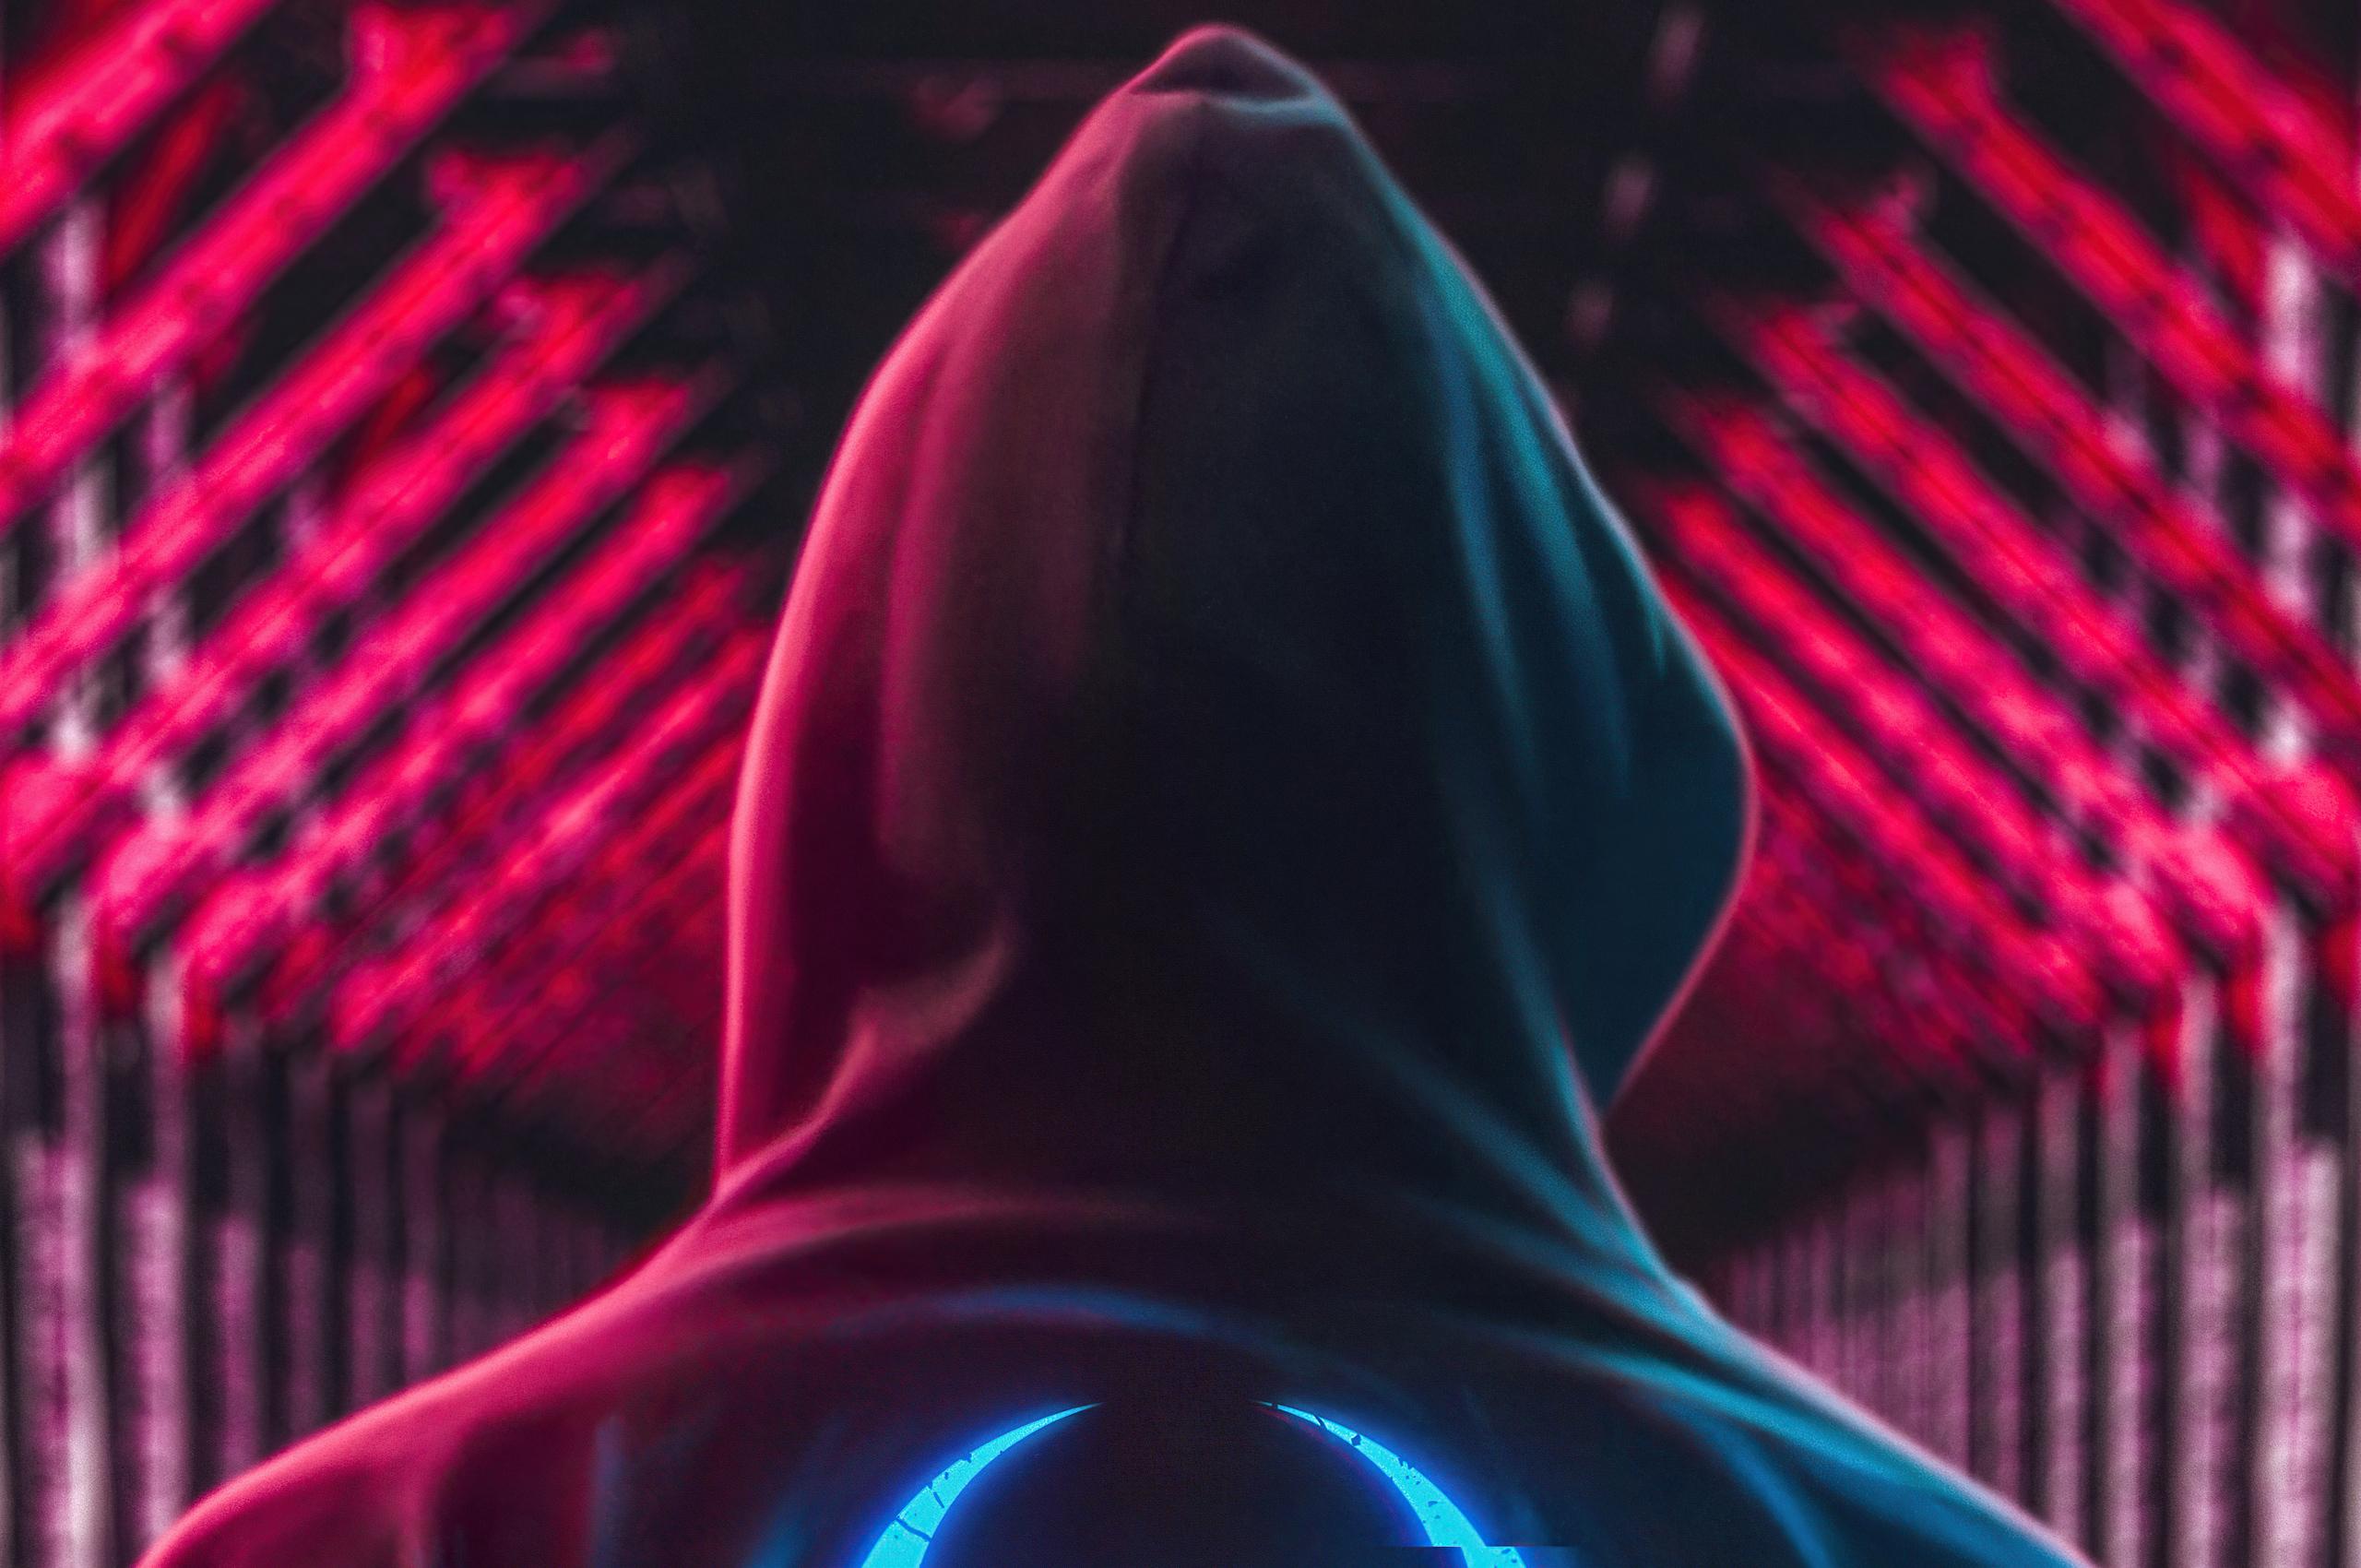 hoodie-boy-back-standing-5k-8c.jpg